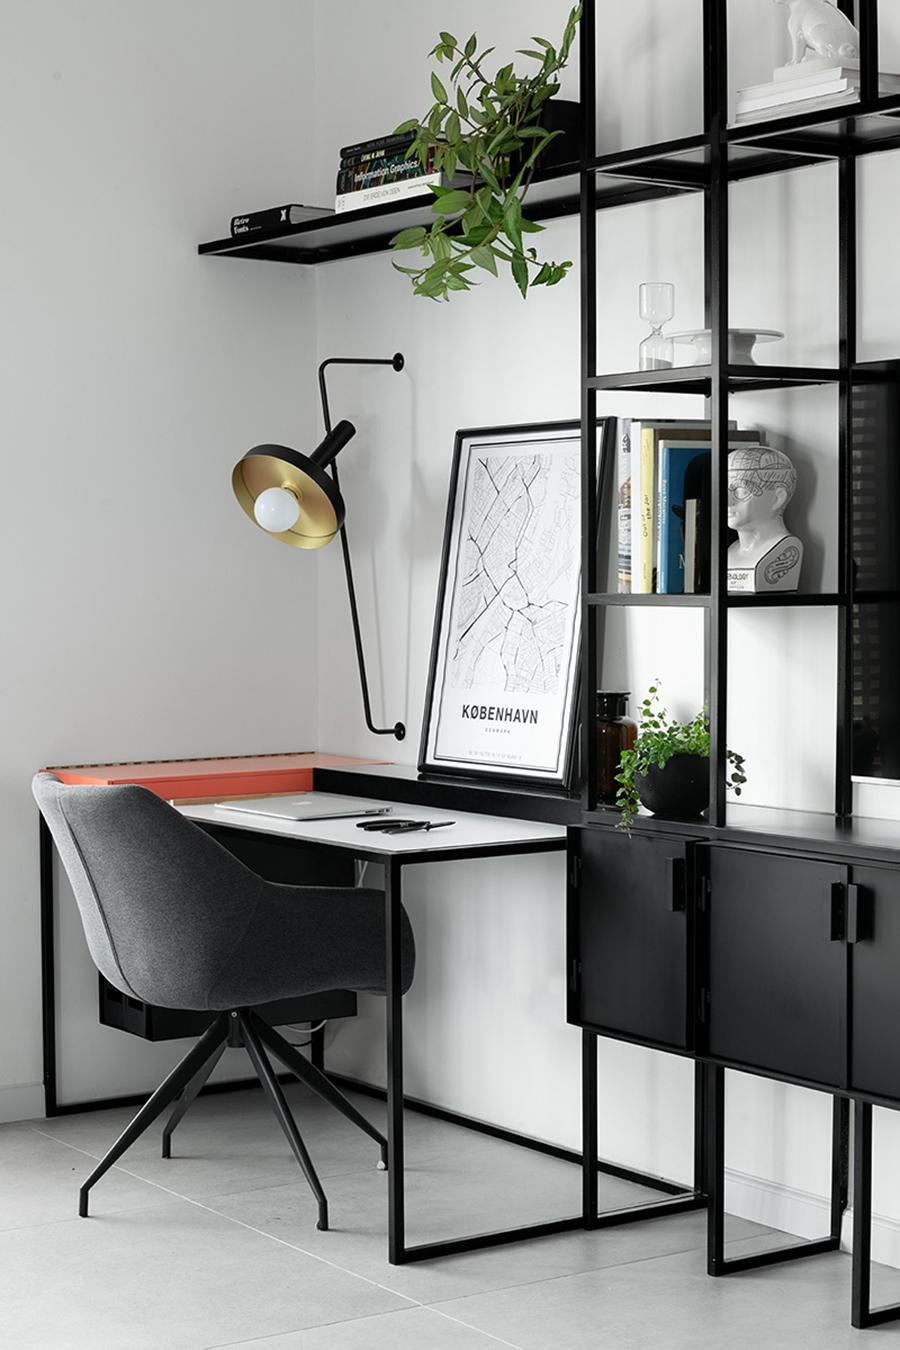 Escritorio en el que predominan los colores blanco y negro. Muebles de metal negro como escritorio y estanterías, una lámpara del mismo color, una silla gris oscura y un cuadro blanco y negro.